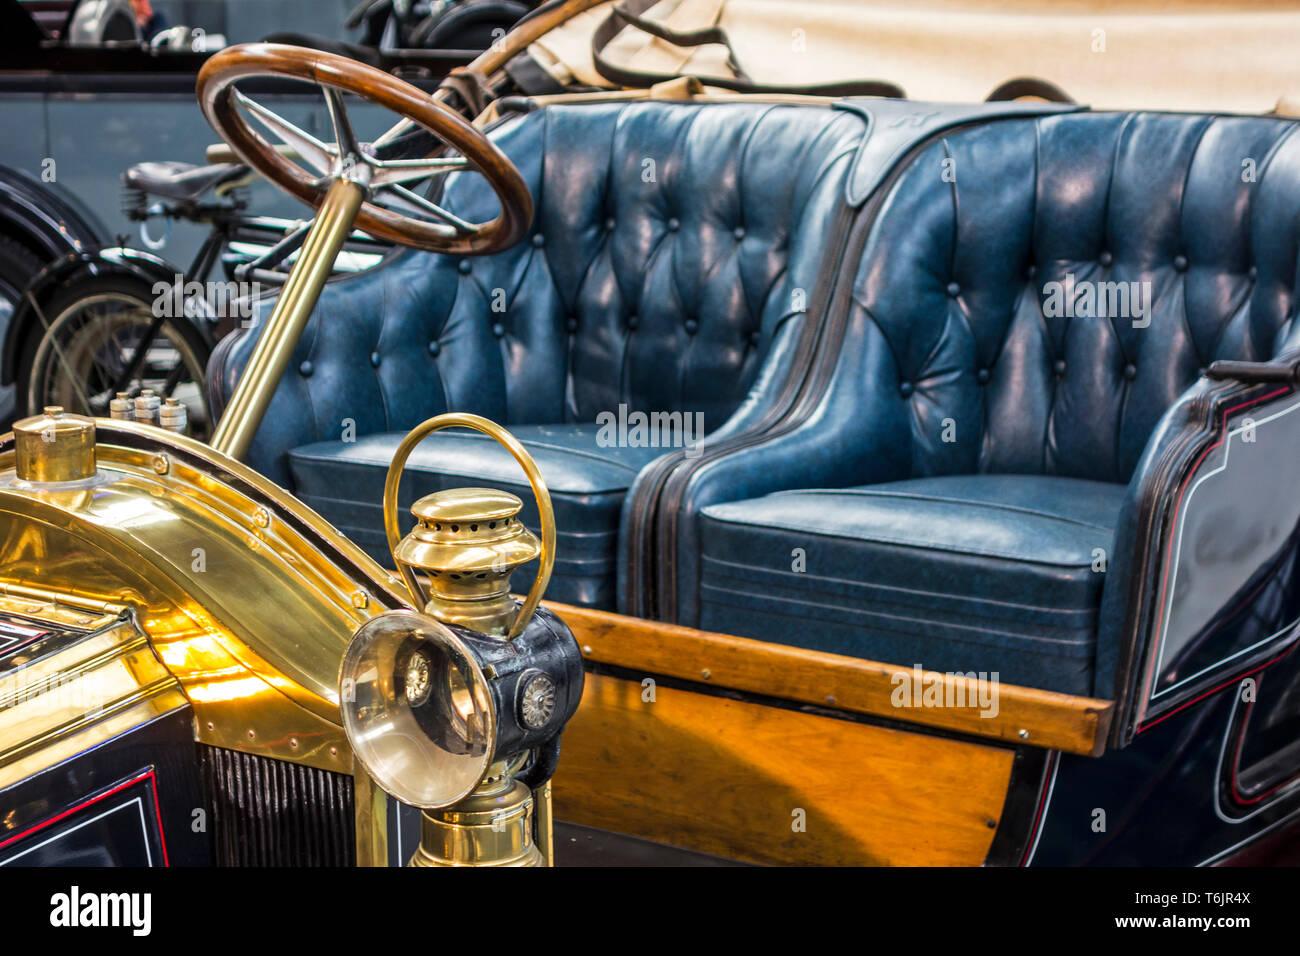 Faro de queroseno de 1909 Renault tipo AX, automóvil clásico / oldtimer / vehículo antiguo en el Autoworld, museo de coches de época en Bruselas, Bélgica Foto de stock